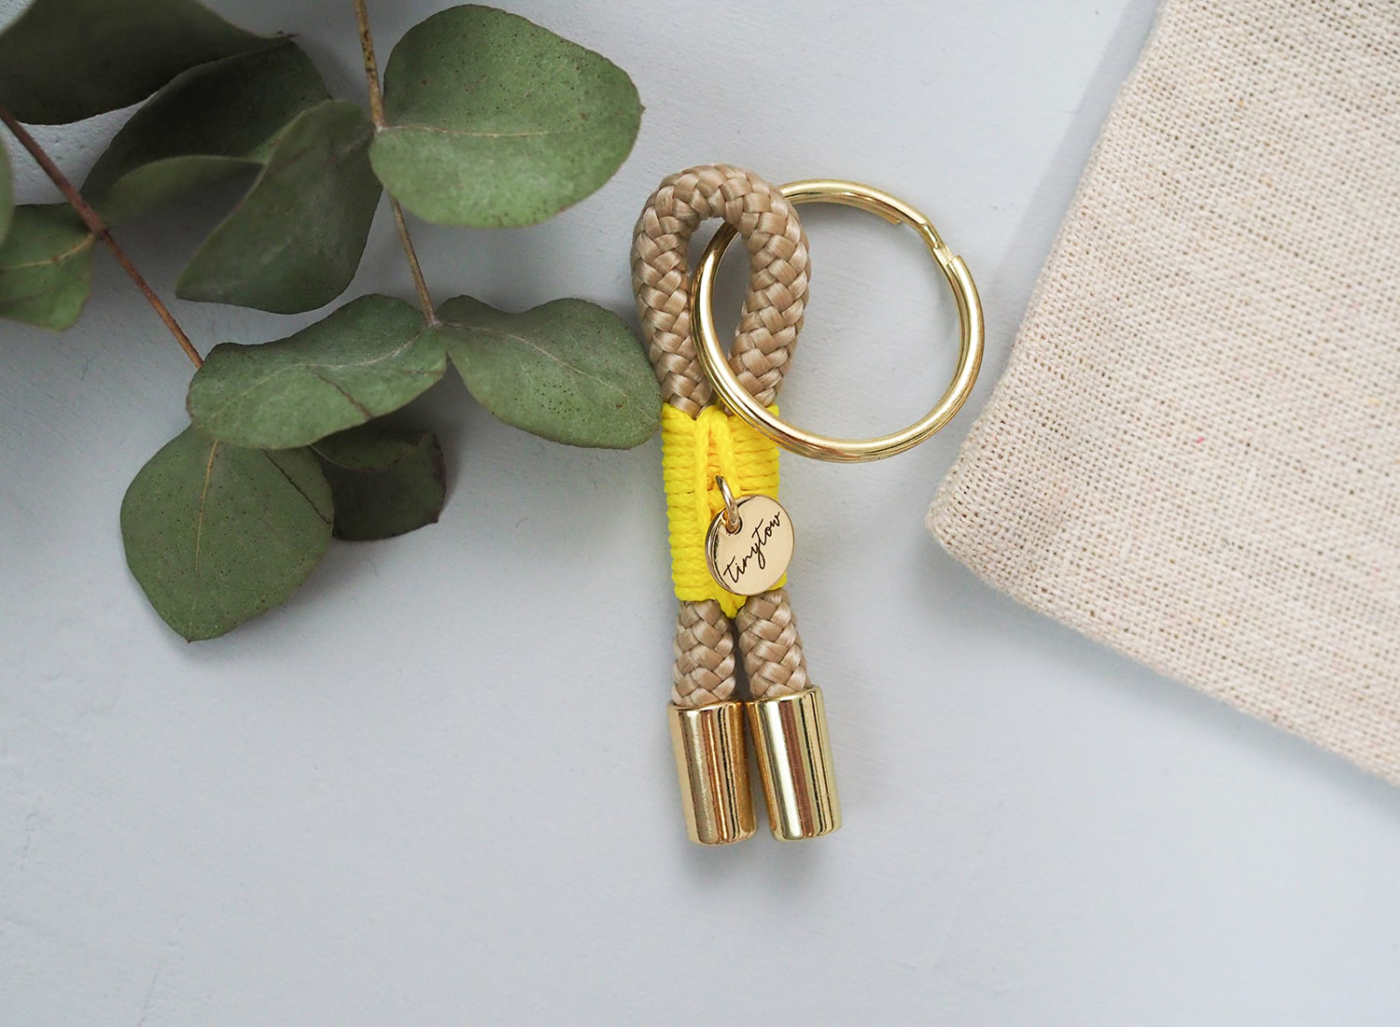 Schlüsselanhänger aus beigefarbenem Tau mit leuchtgelber Takelung, goldenem Schlüsselring und Baumwollsäckchen.